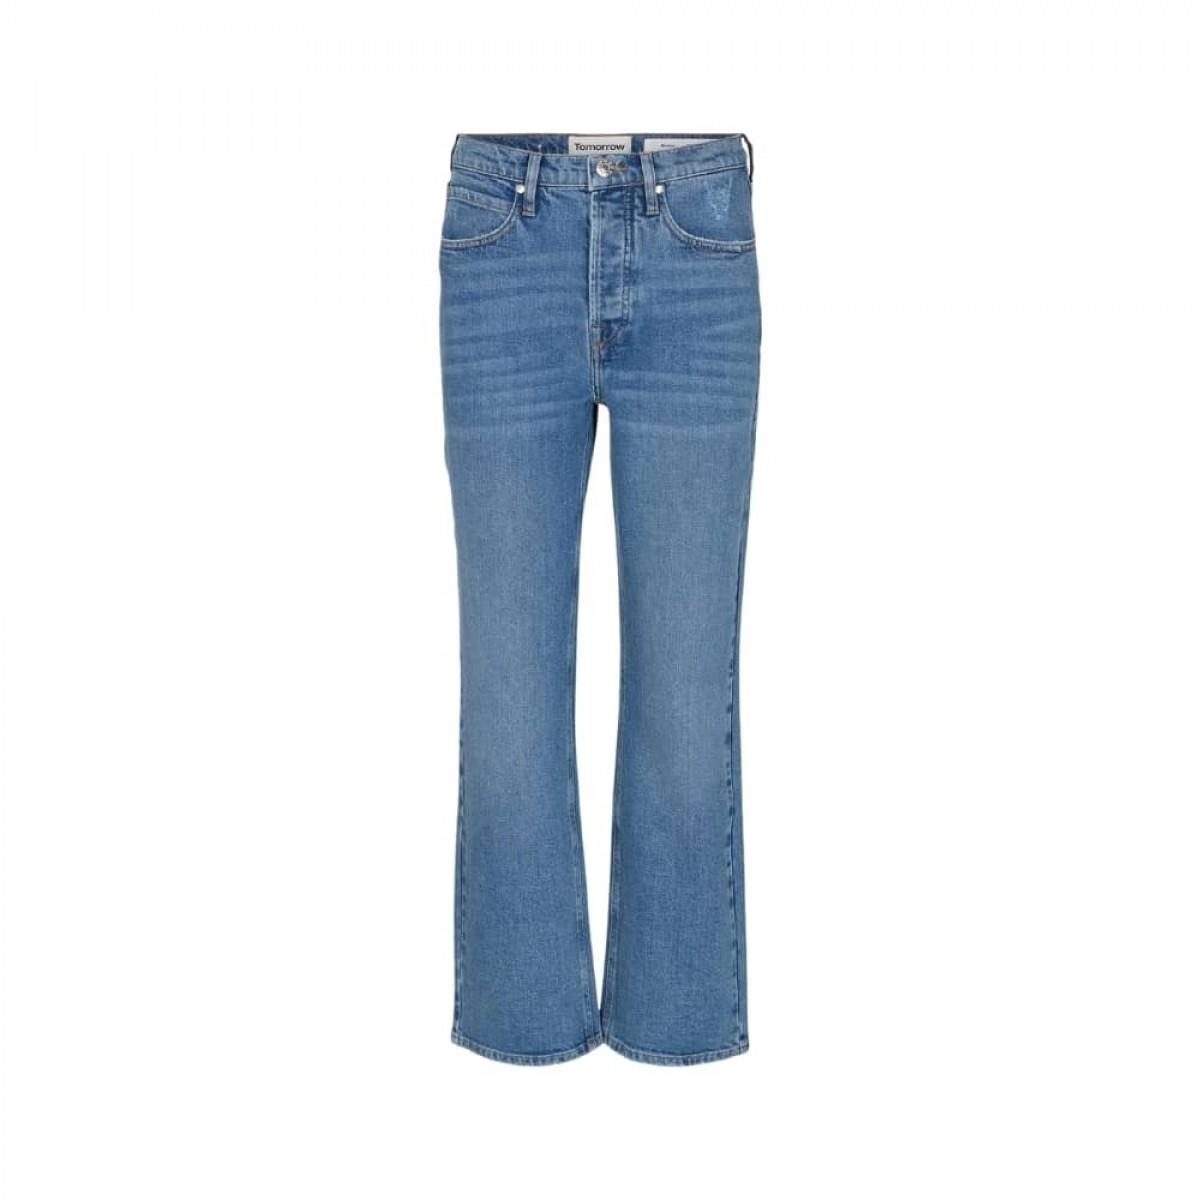 marston jeans - wash kairo - front